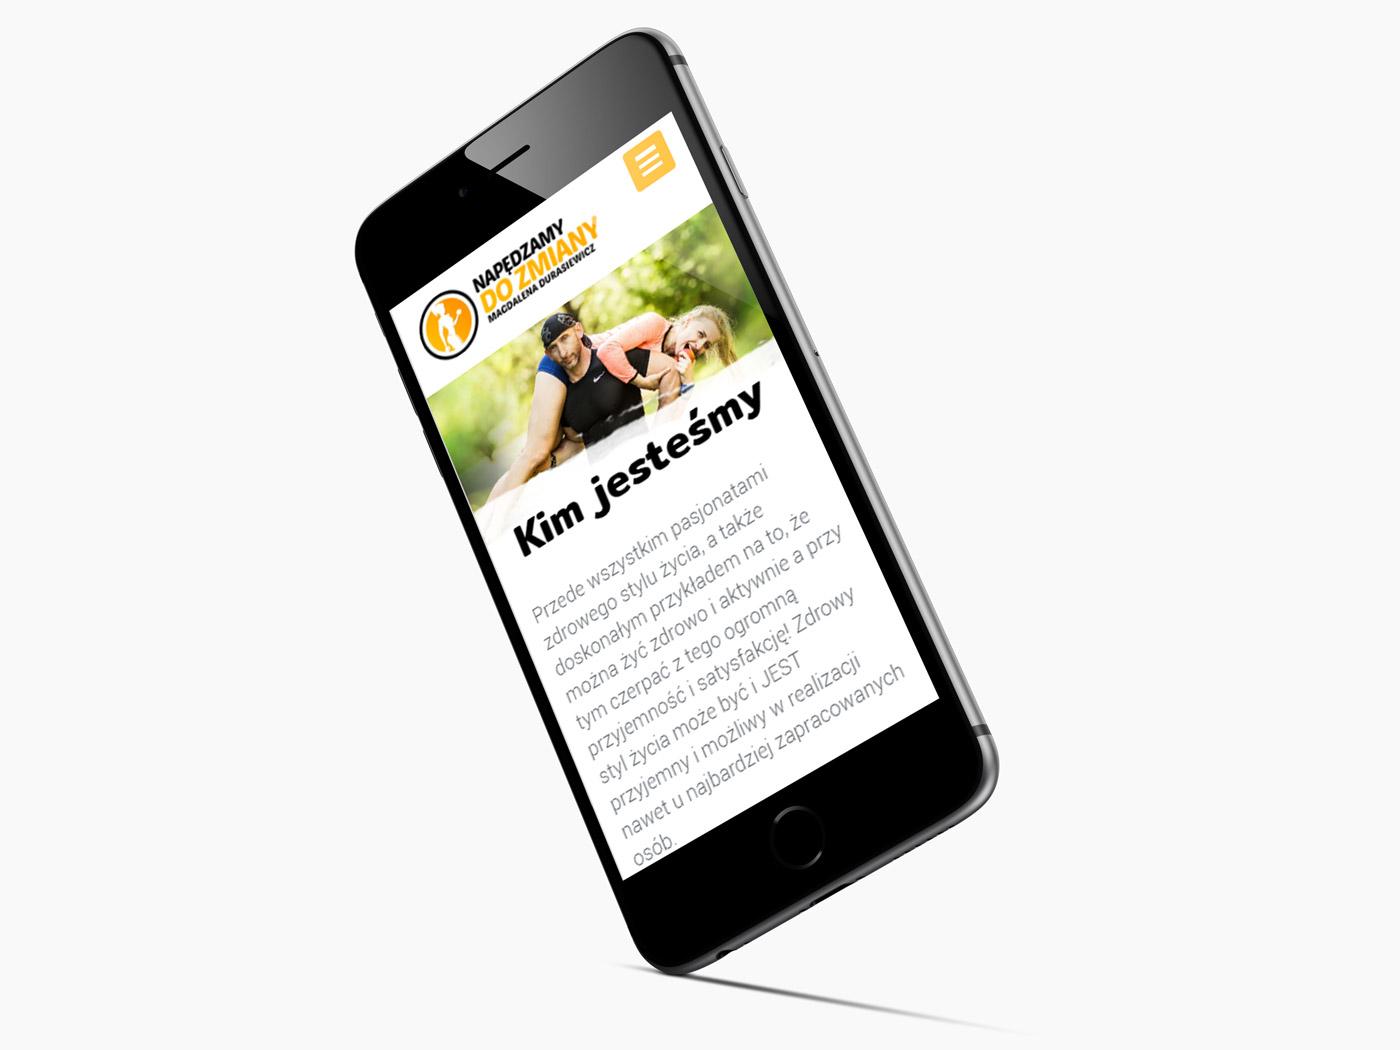 Napędzamy do zmiany - projekt strony w wersji mobilnej na iphonie